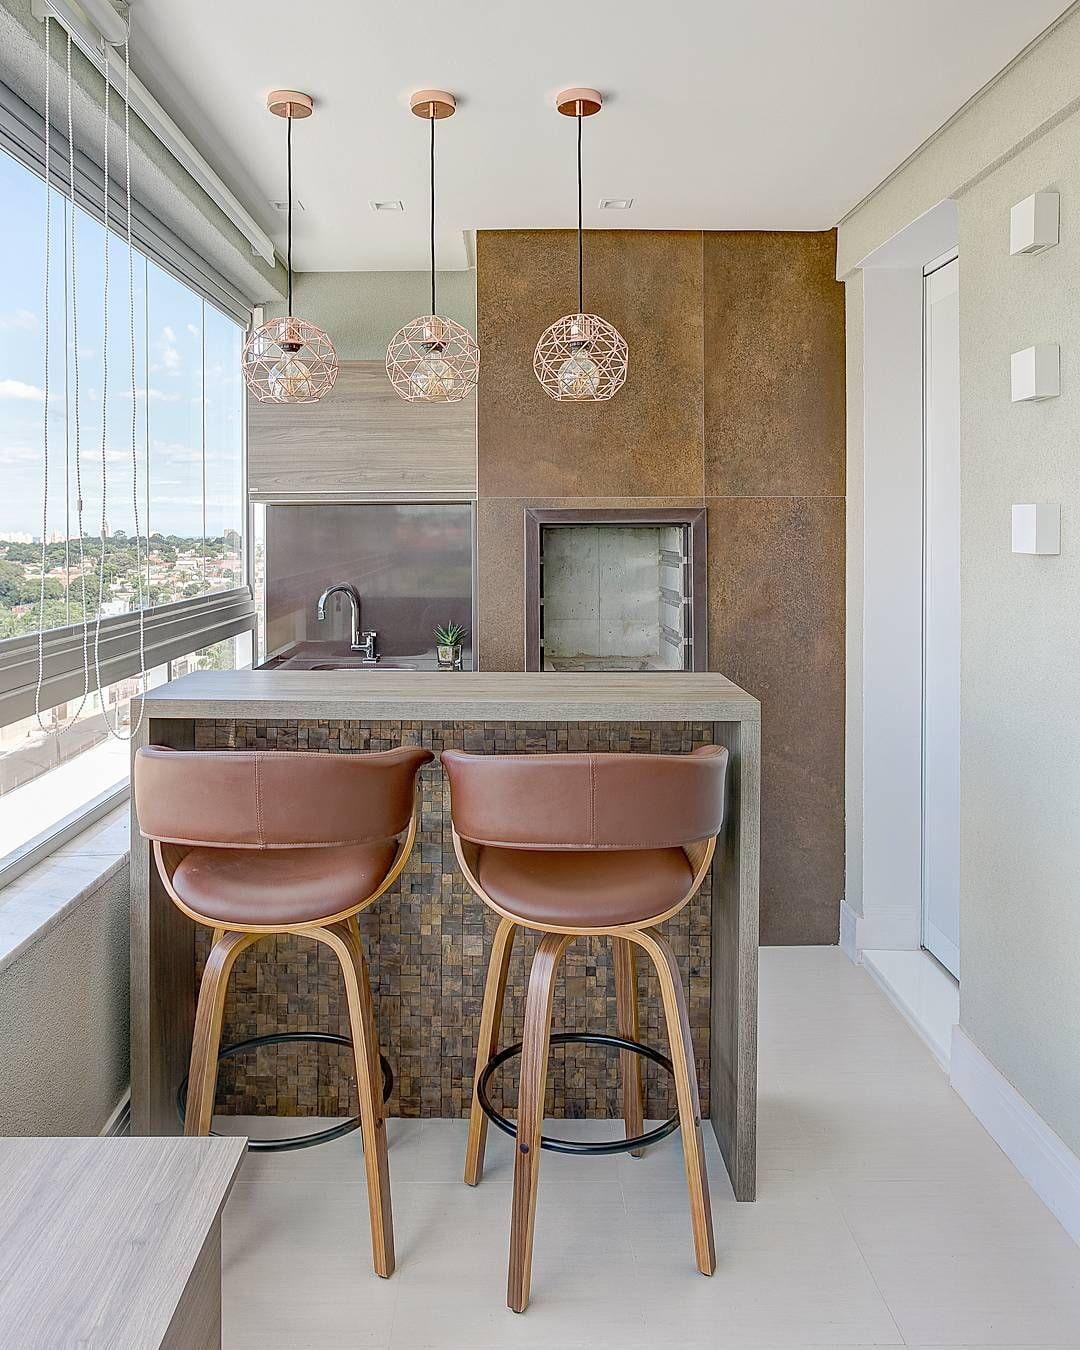 Фото навесных потолков на кухне поделитесь своей